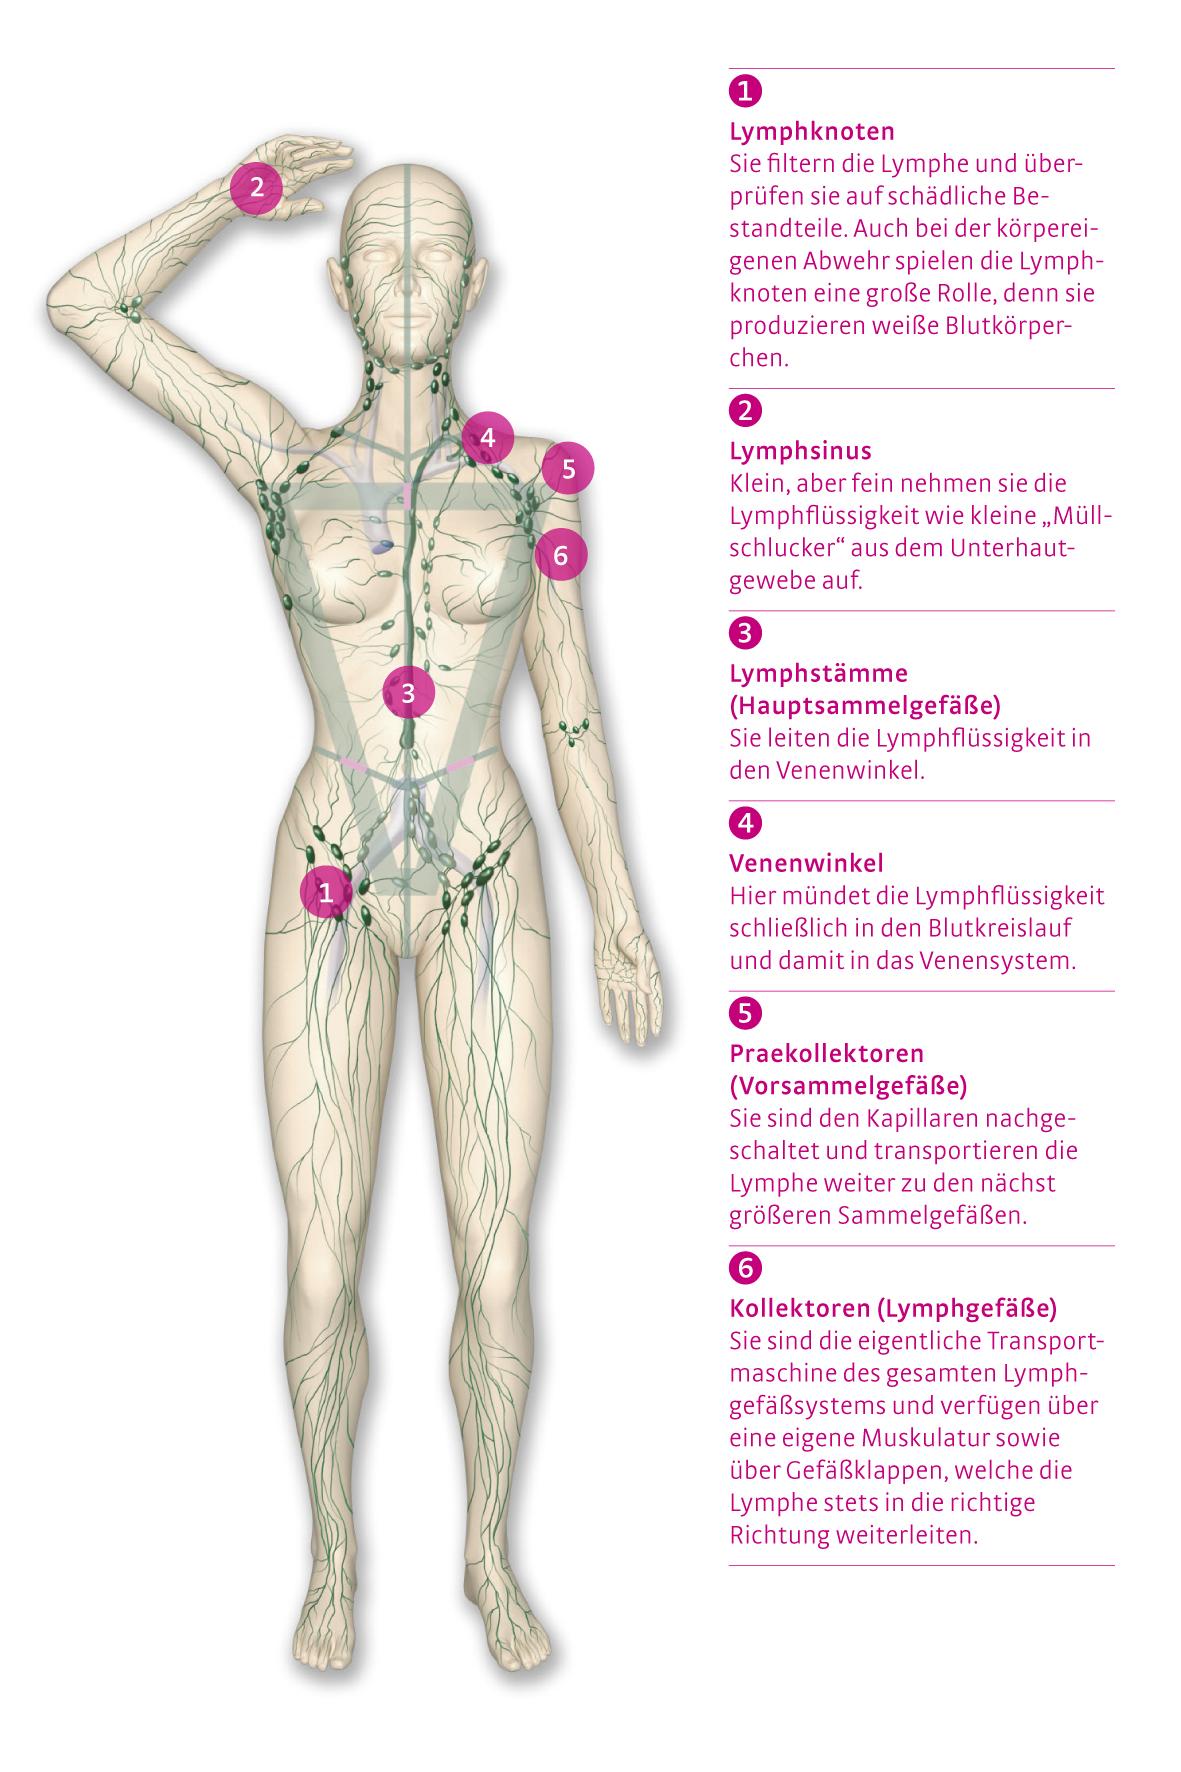 Das Lymphgefäßsystem -